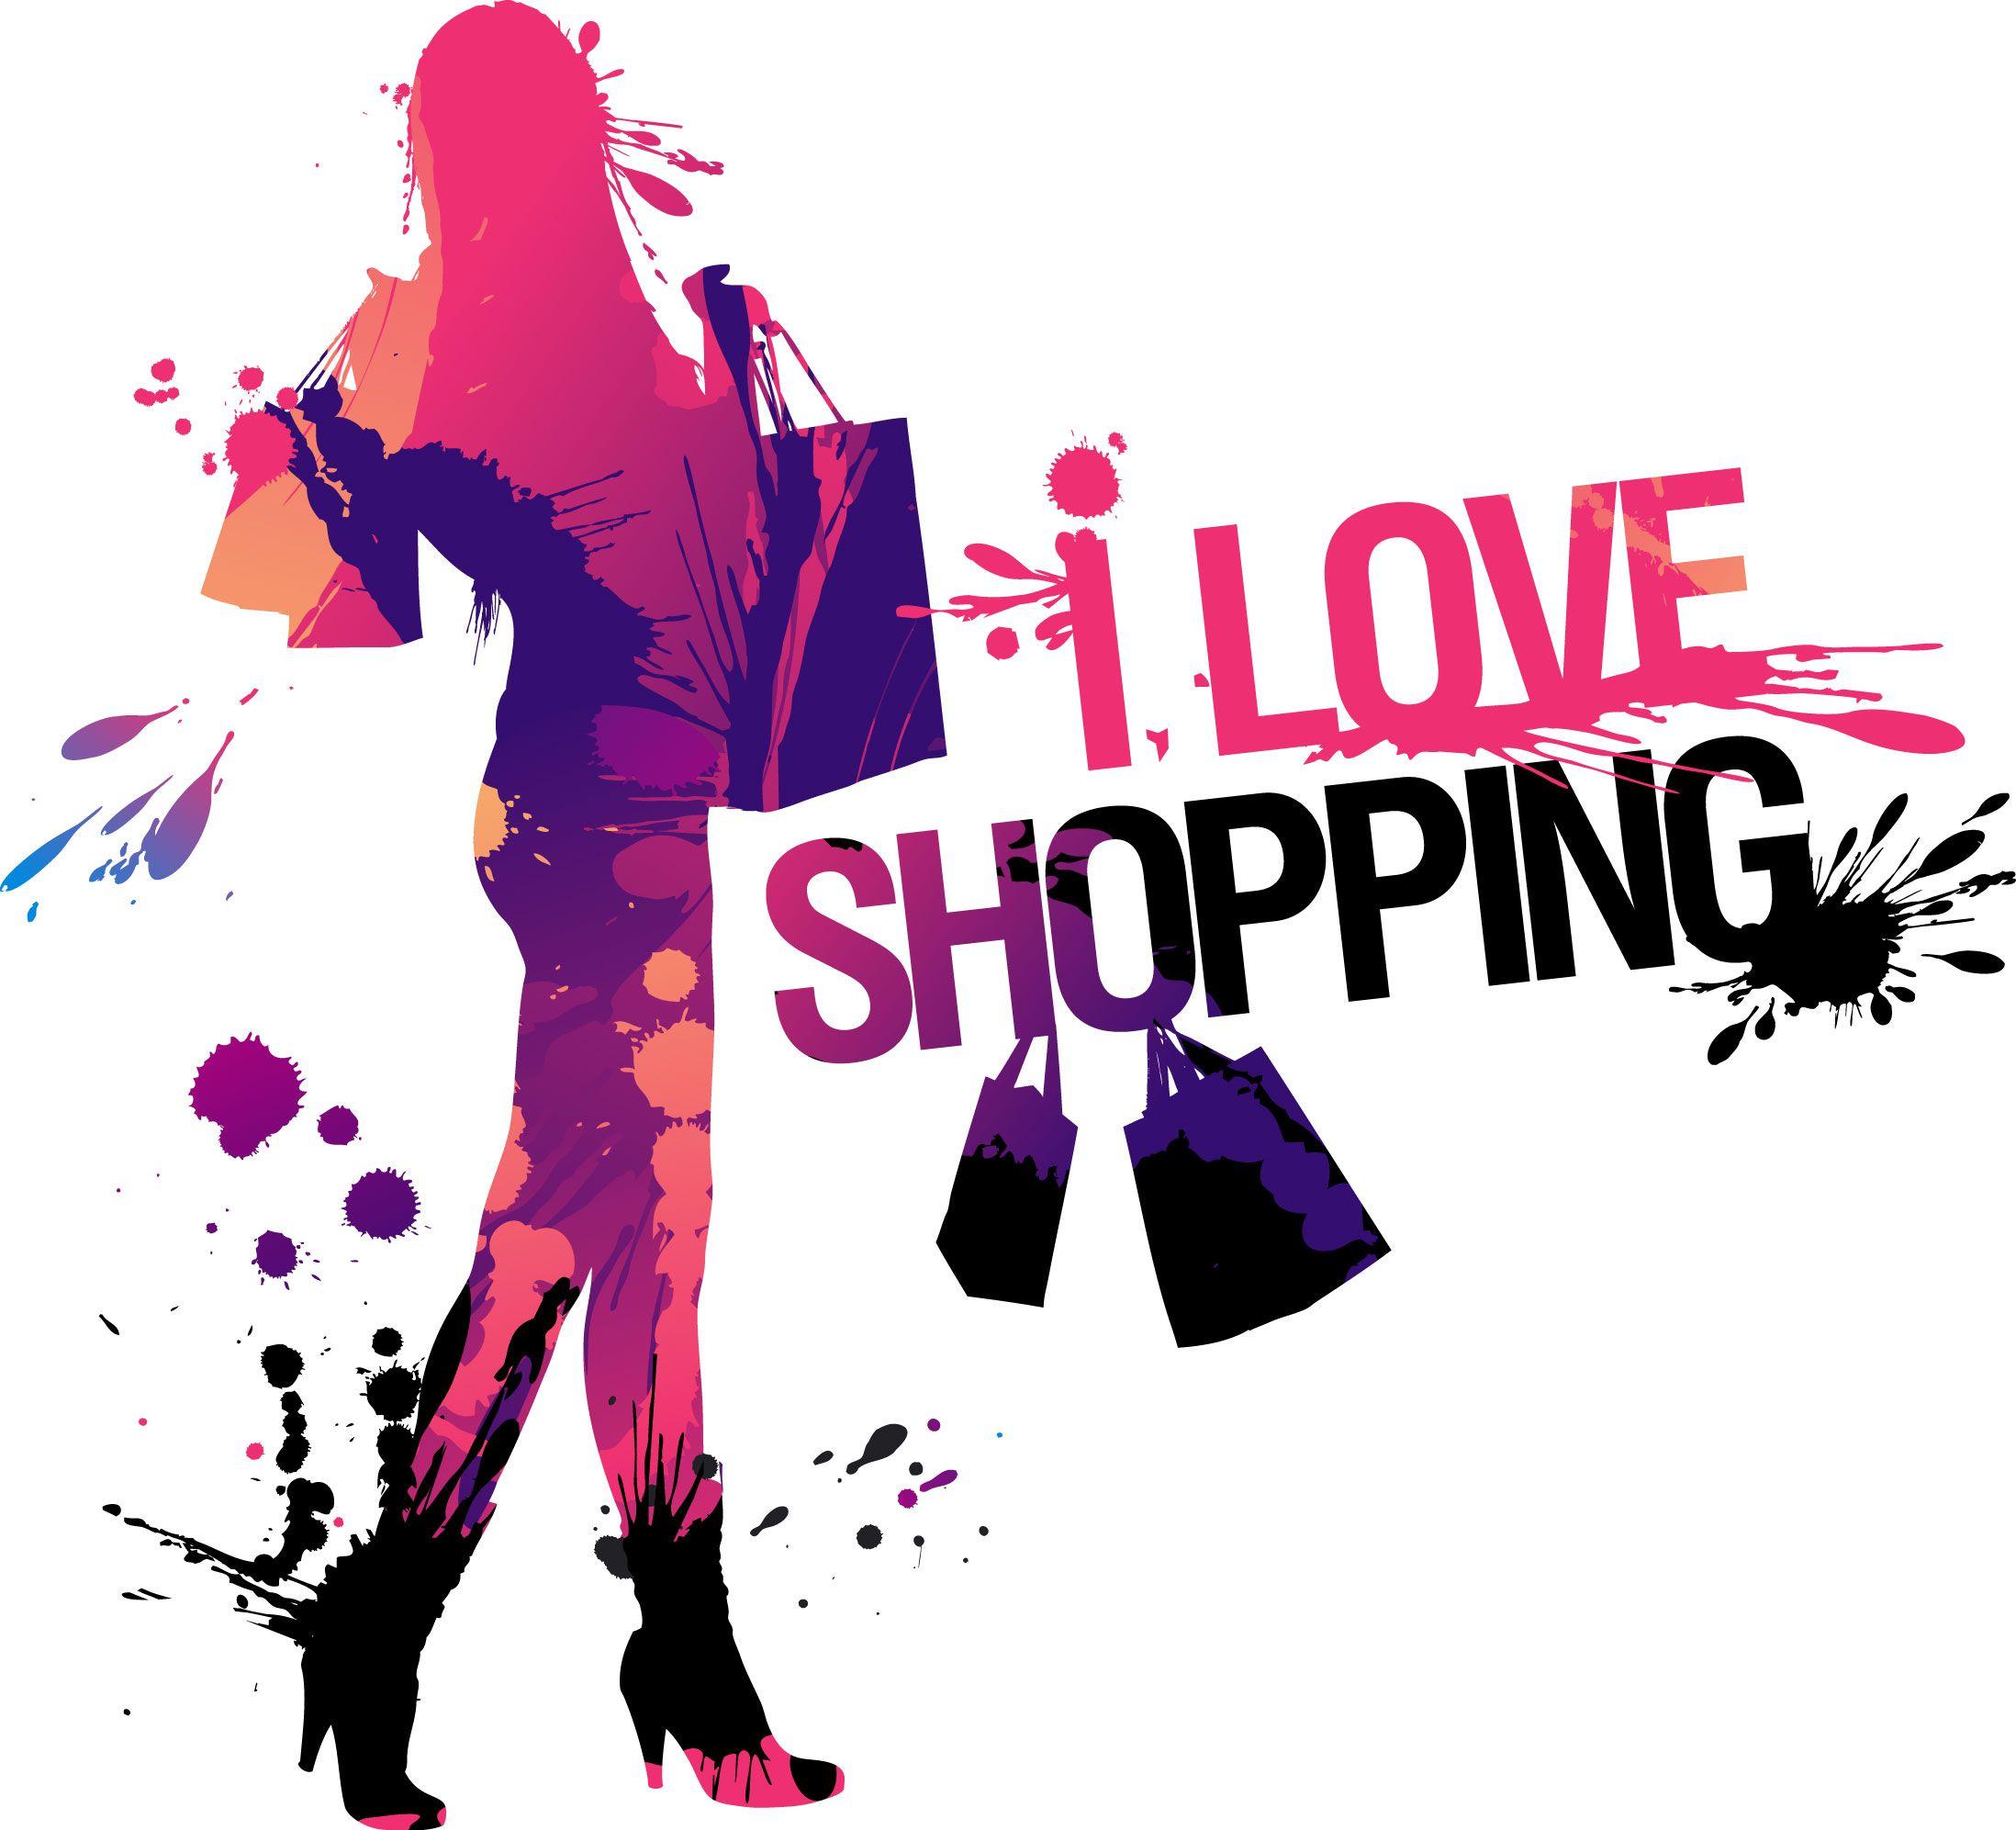 Картинки на аватарку интернет магазина одежды с названием модный